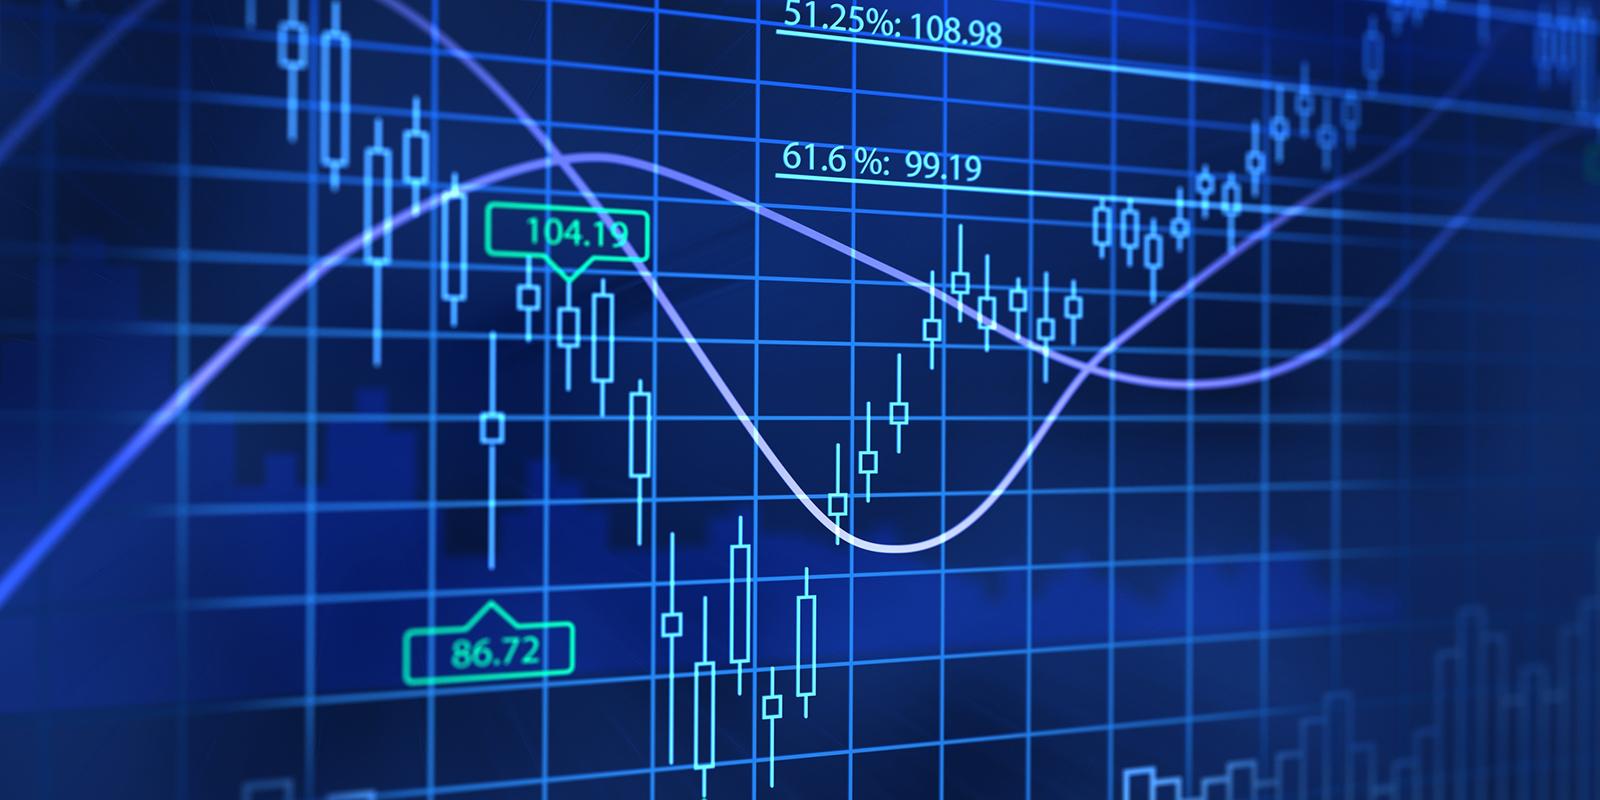 Американские фондовые индексы растут; инвесторы оценивают влияние Covid-19 на восстановление экономики